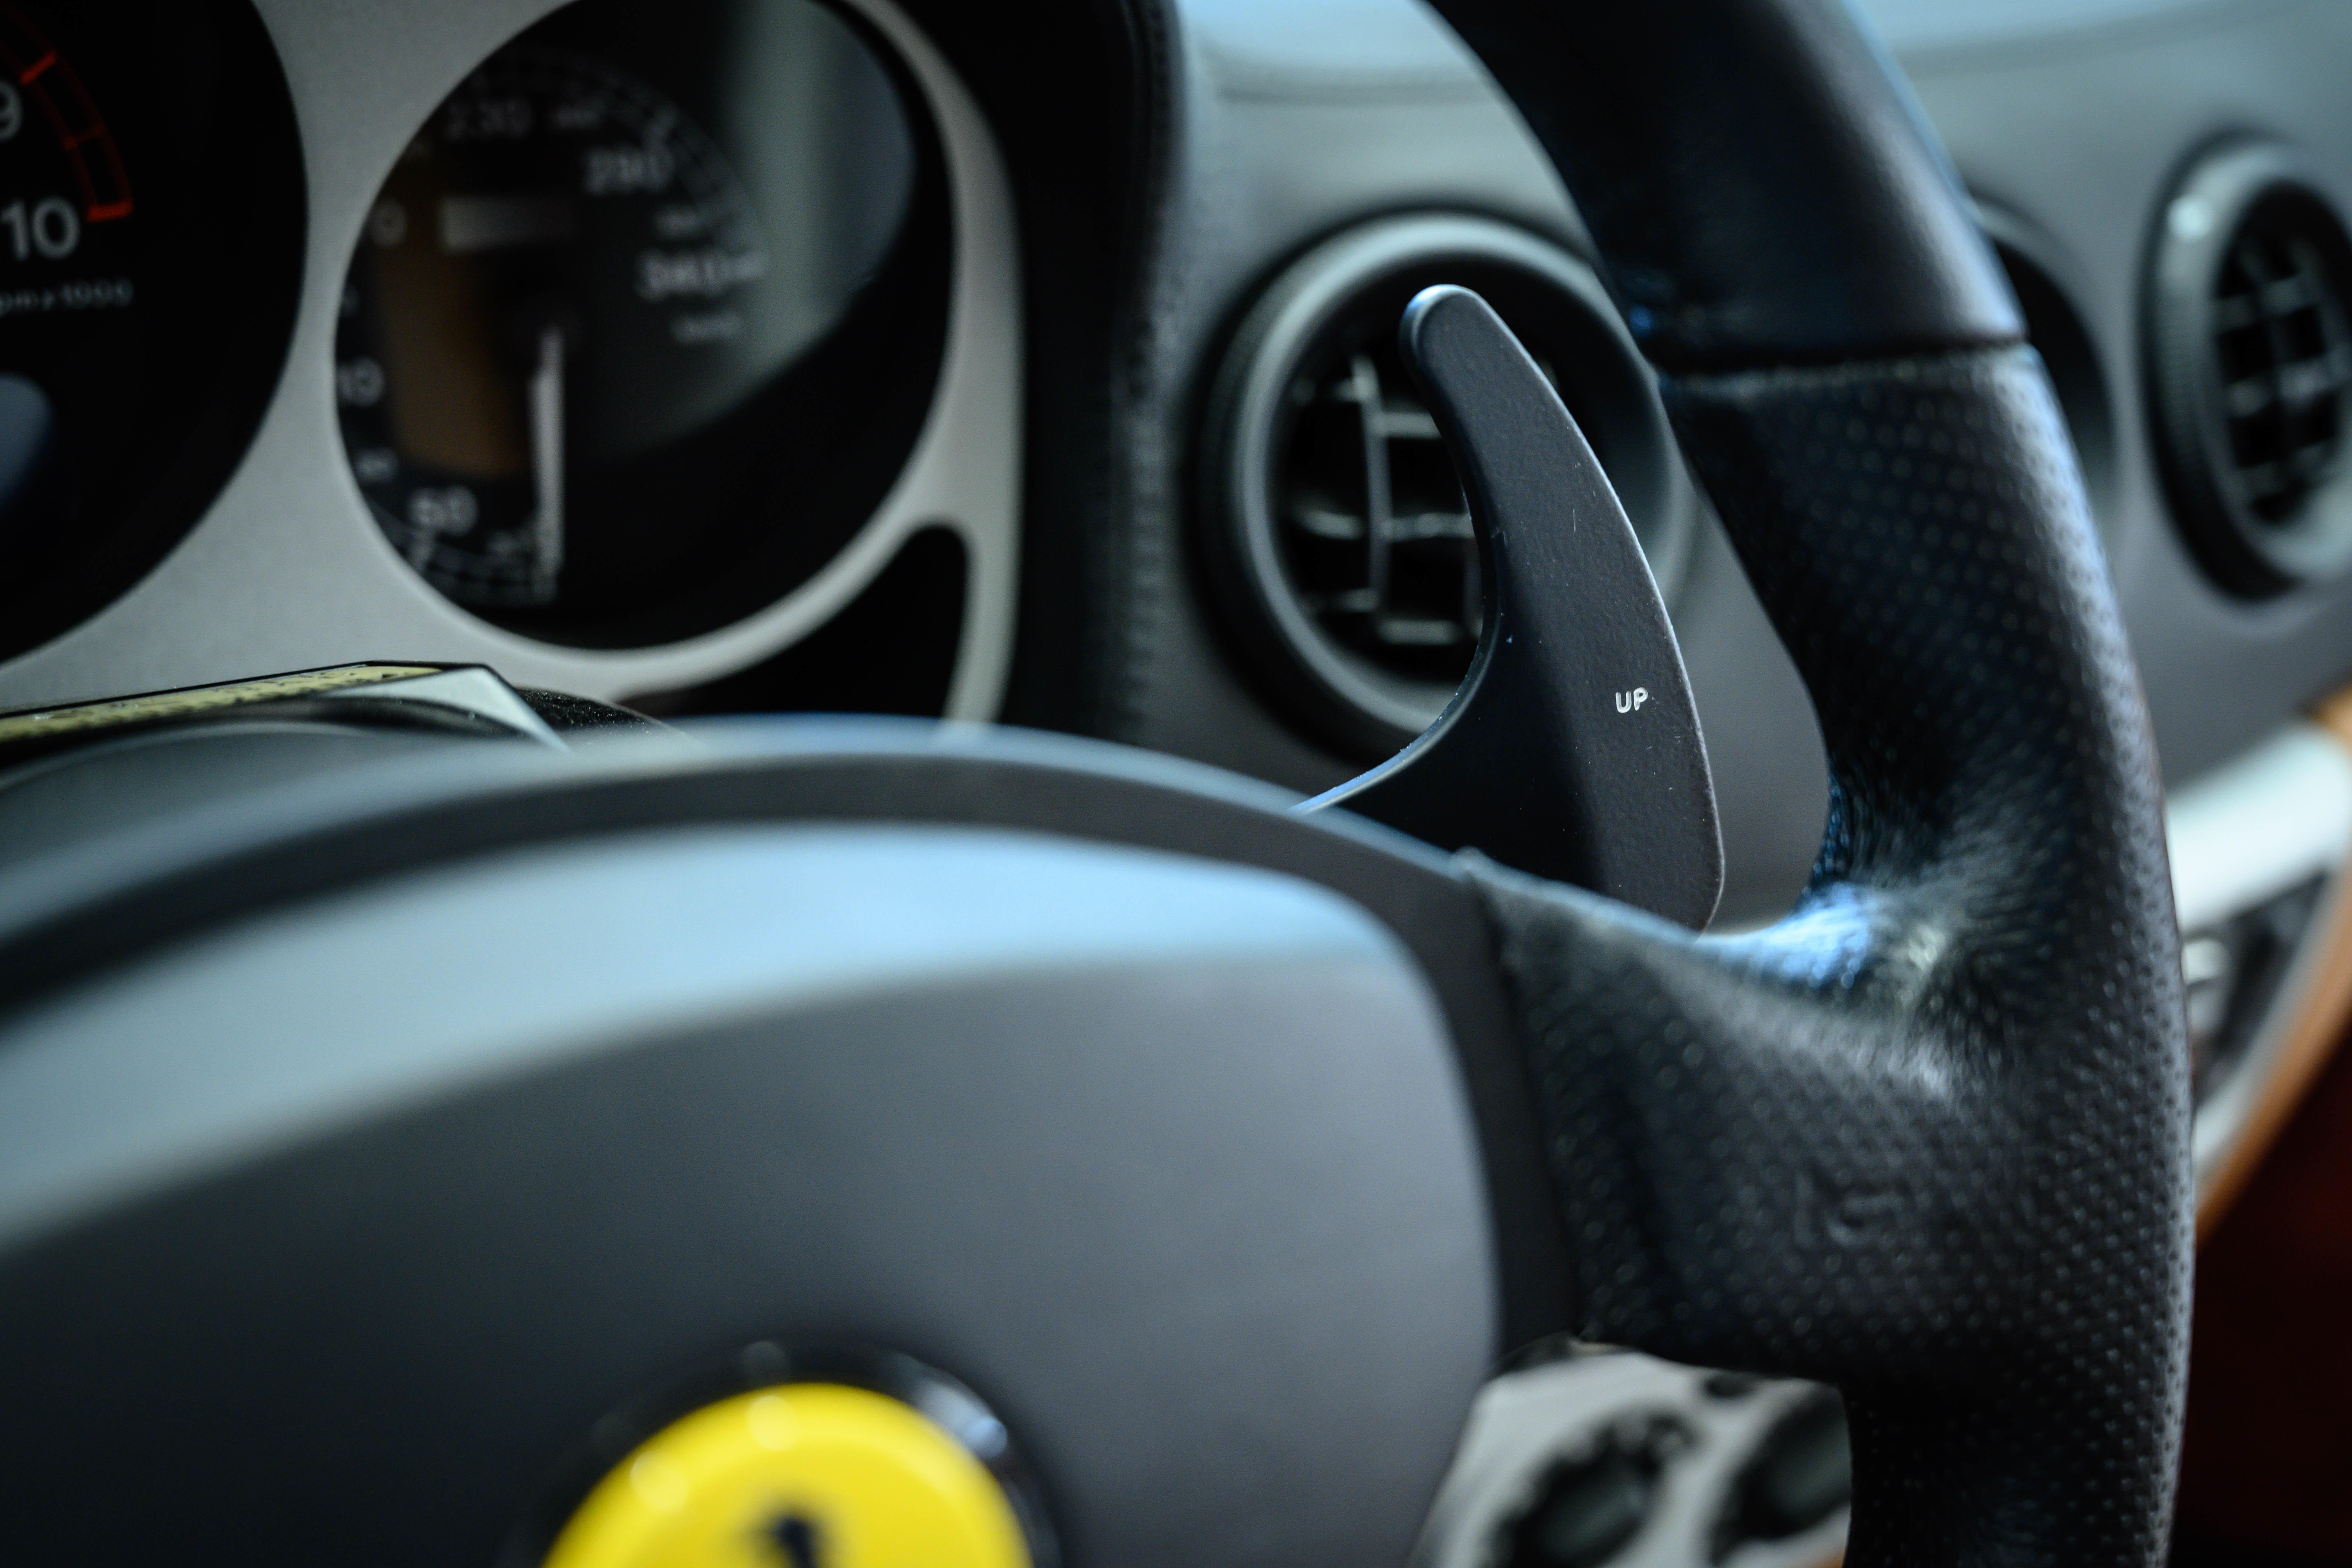 29歳、フェラーリを買う──Vol.37 半年間の通信簿と今後の不安